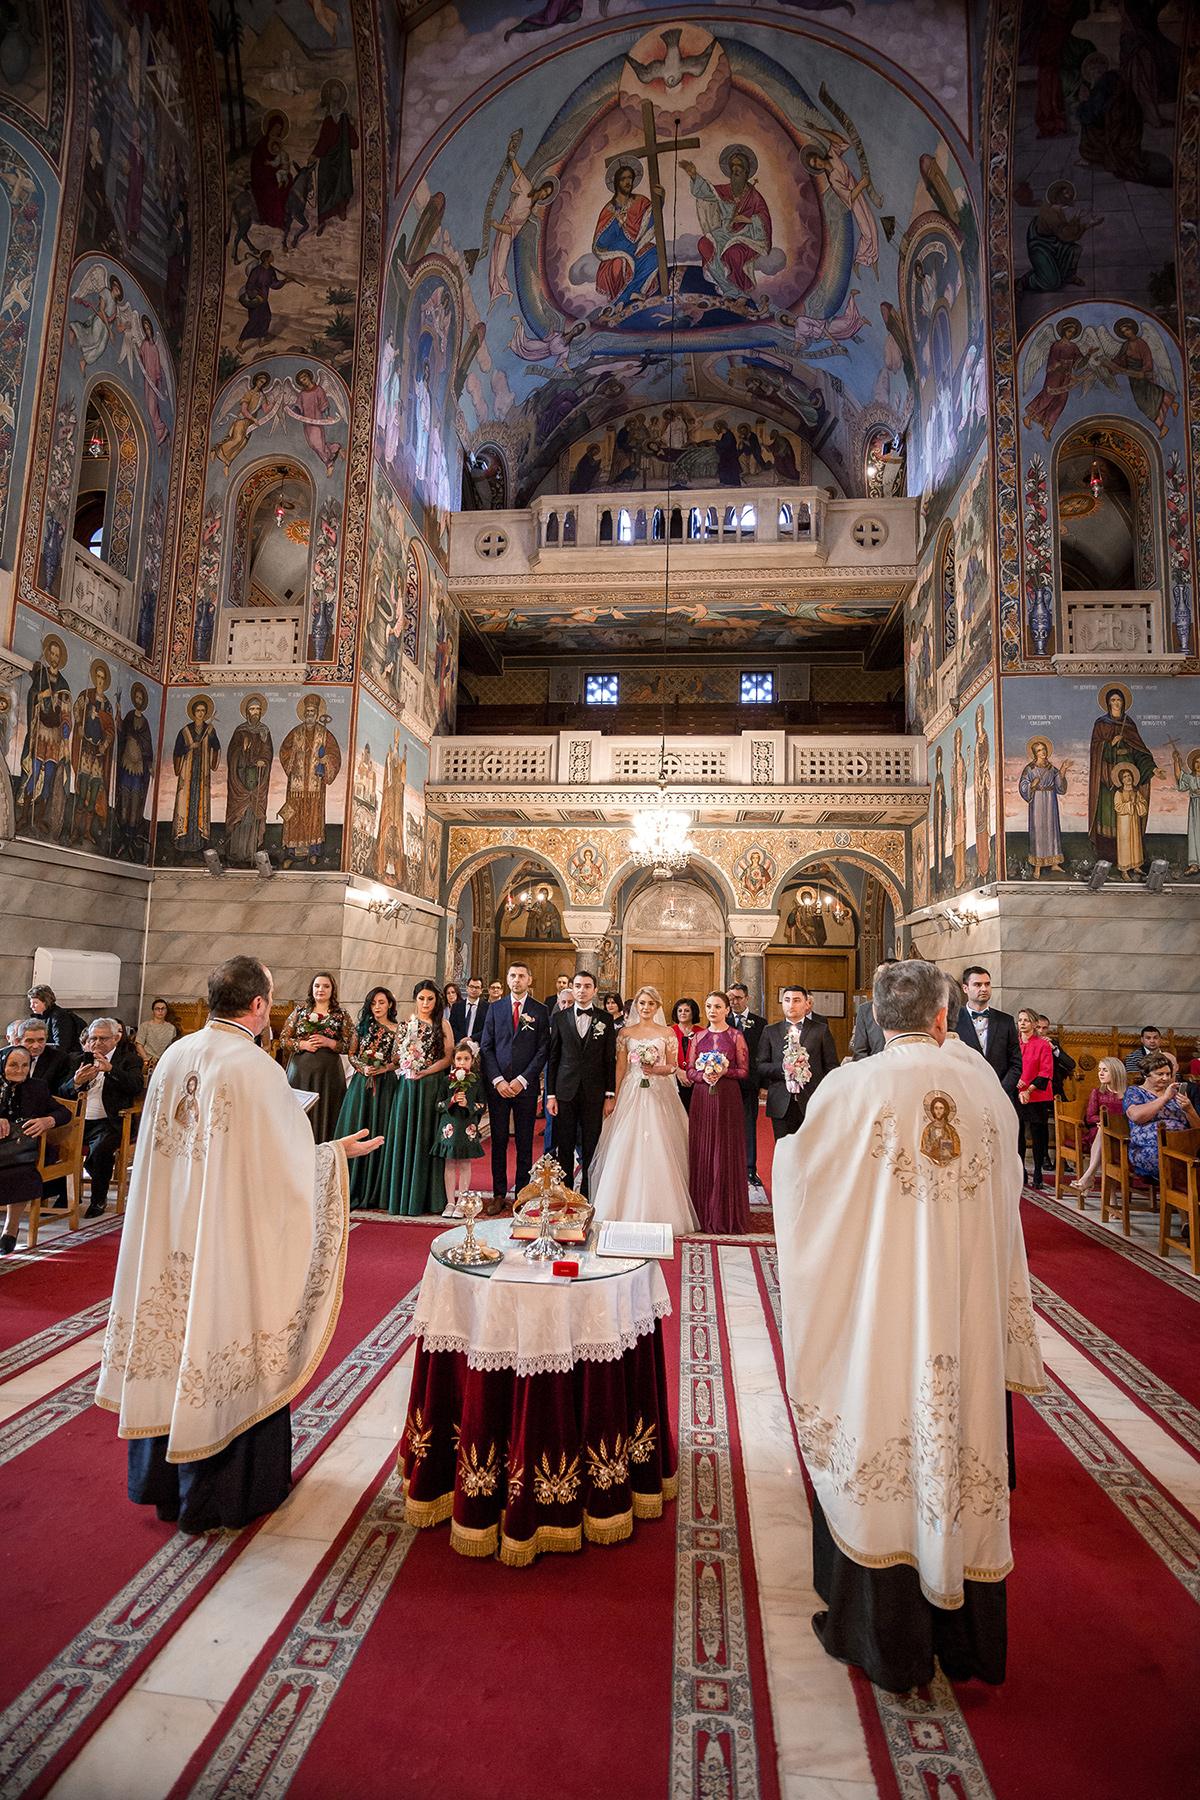 fotograf nunta bucuresti radu adelina 066.jpg?scale.width=687&scale